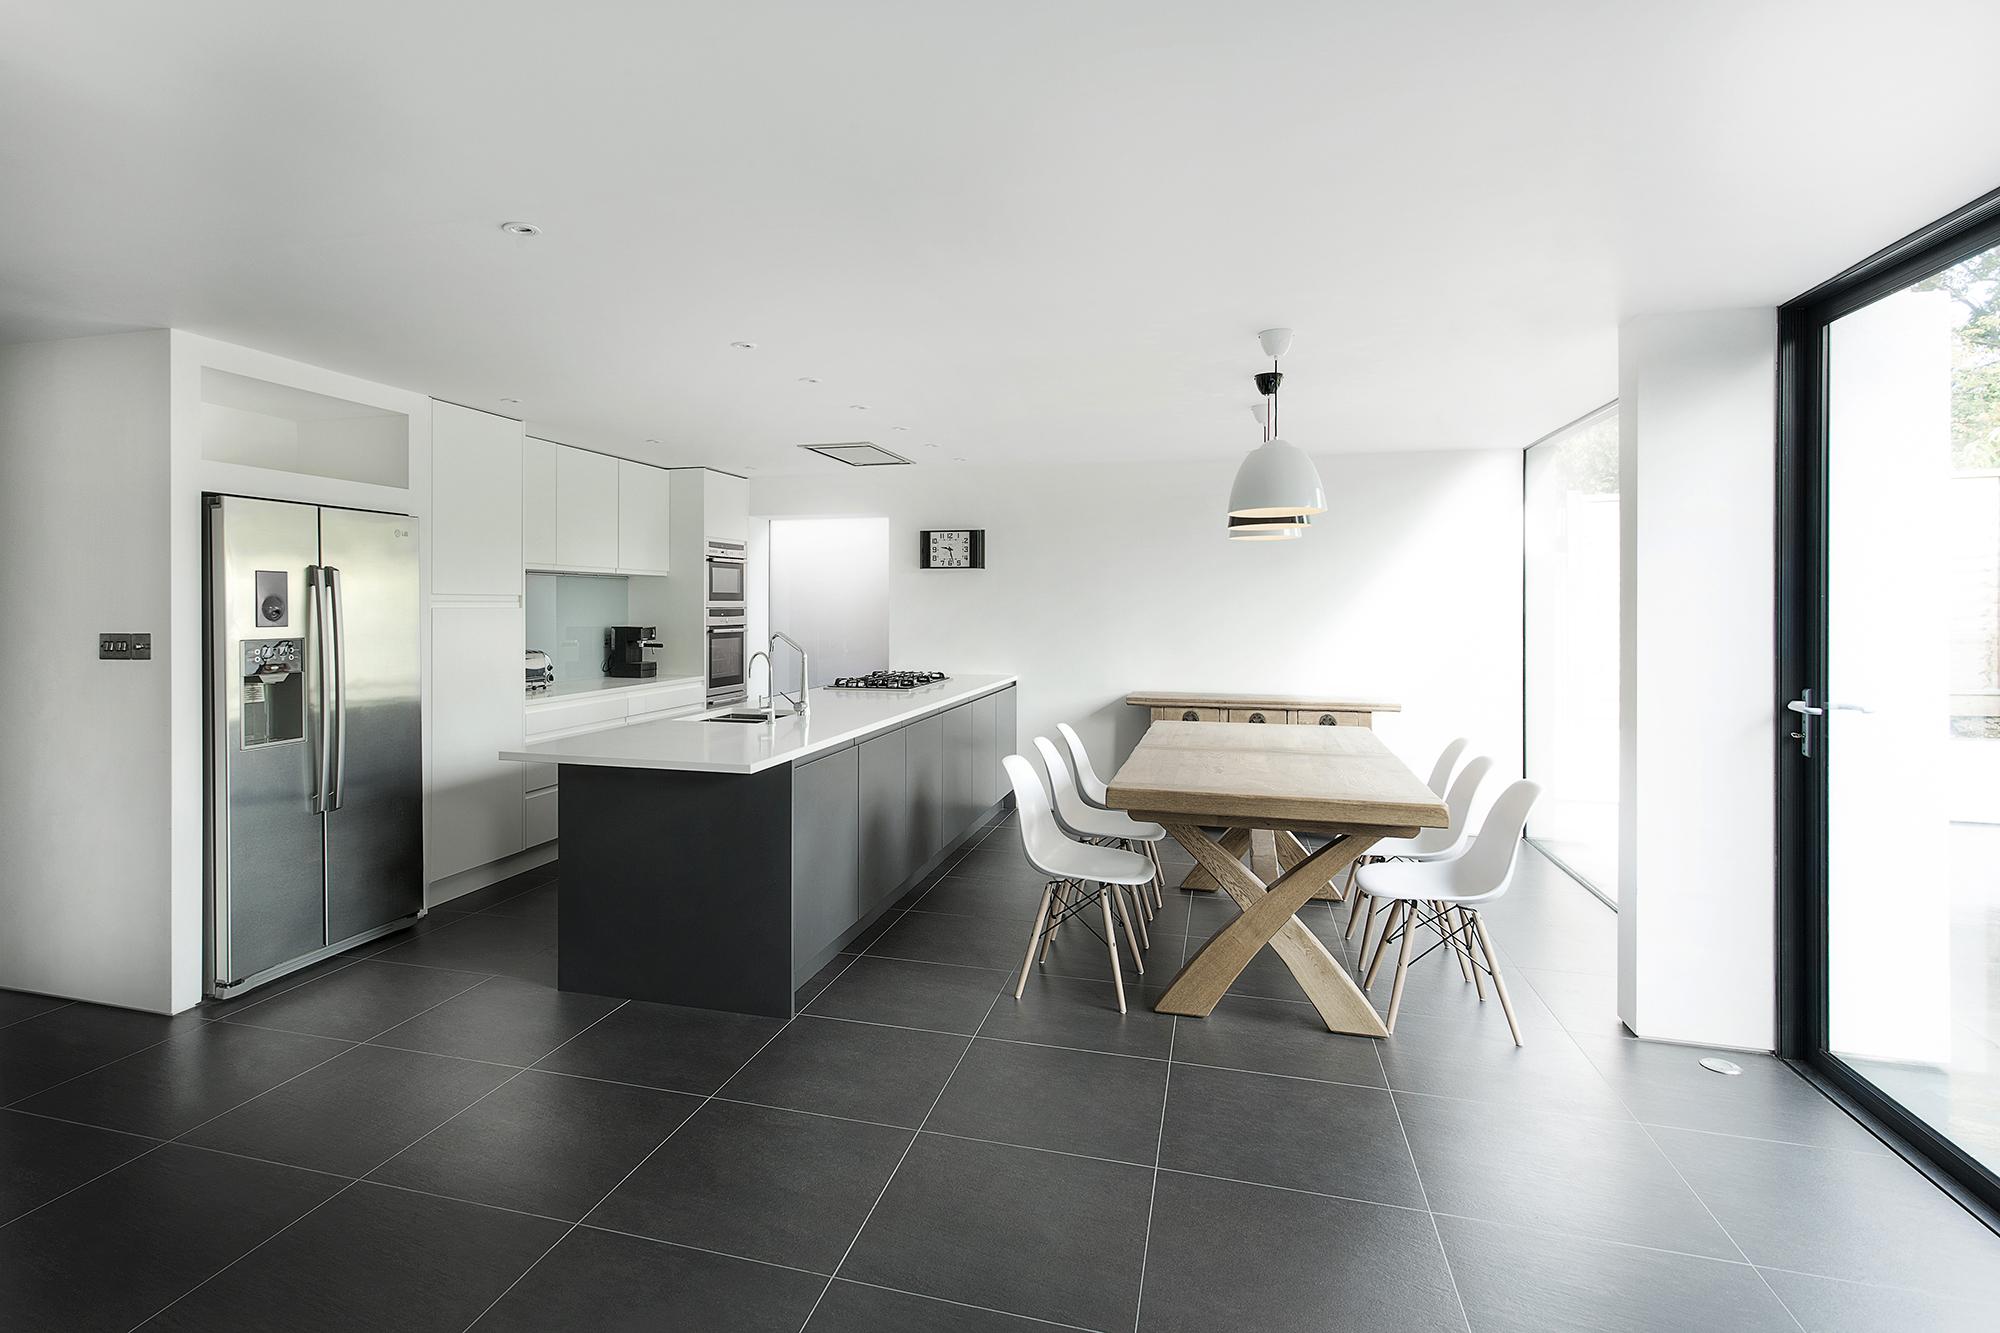 Idee Deco Chambre Ado Nature : medic ar design studio cuisine maison medic ar design studio